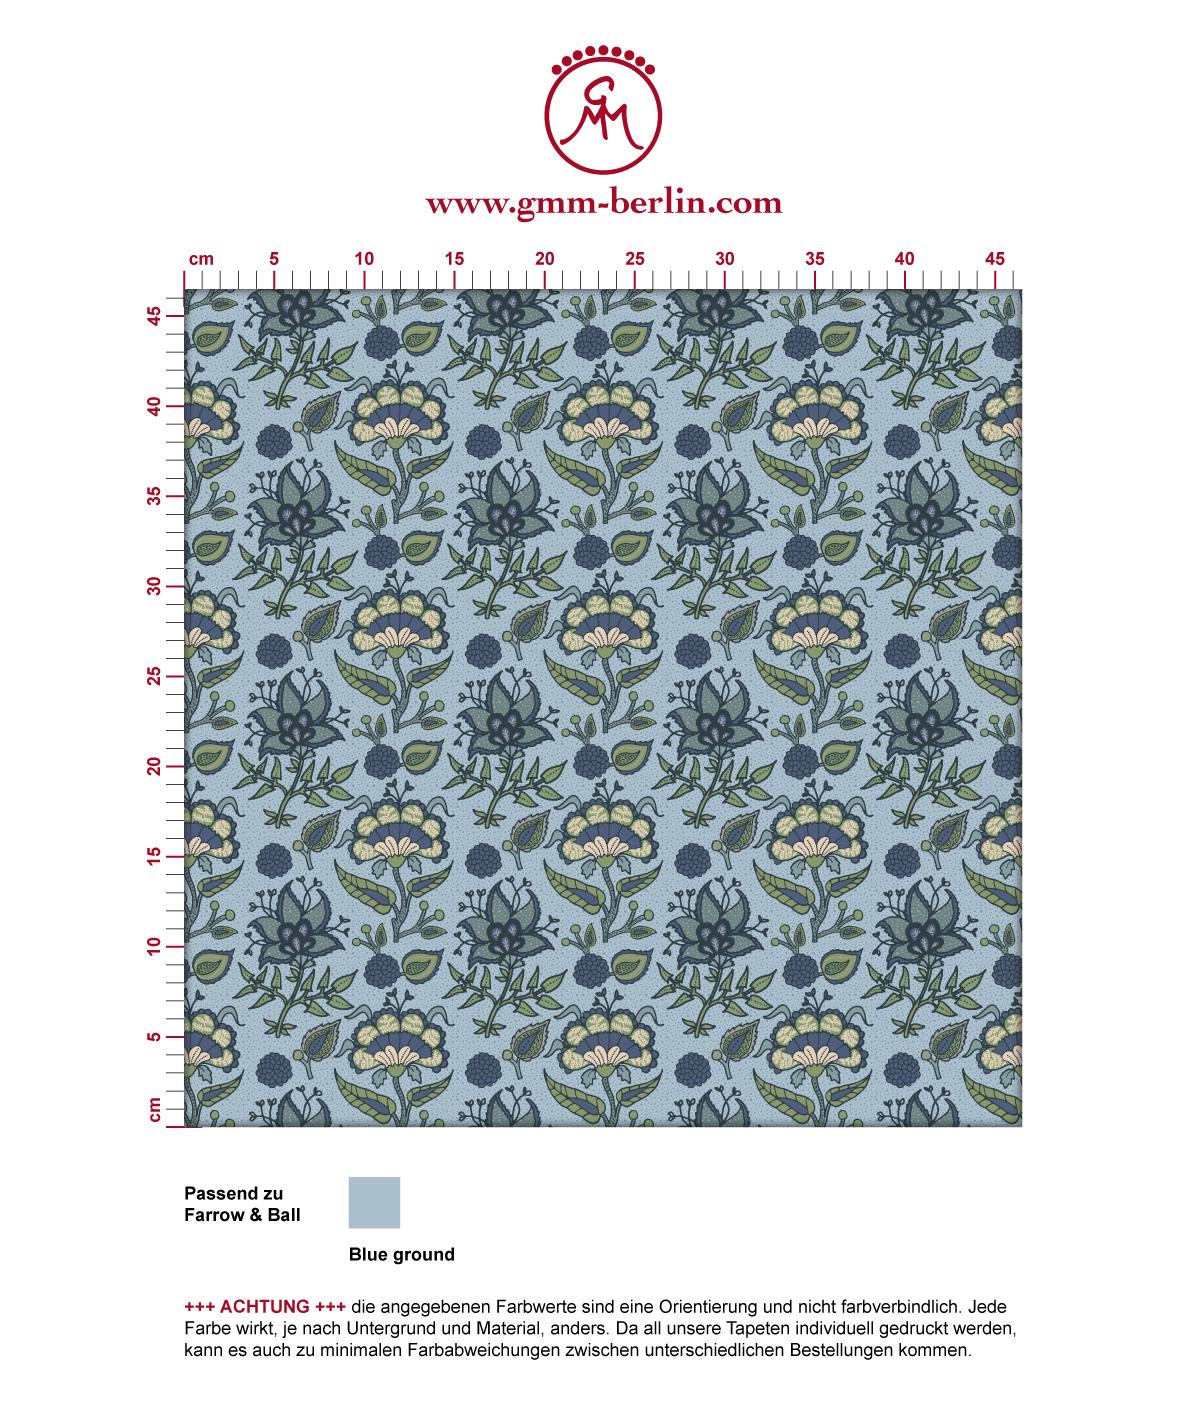 """Folklore Tapete """"Little India"""" mit indischem Blumen Muster in blau grau angepasst an Farrow & Ball Wandfarben"""